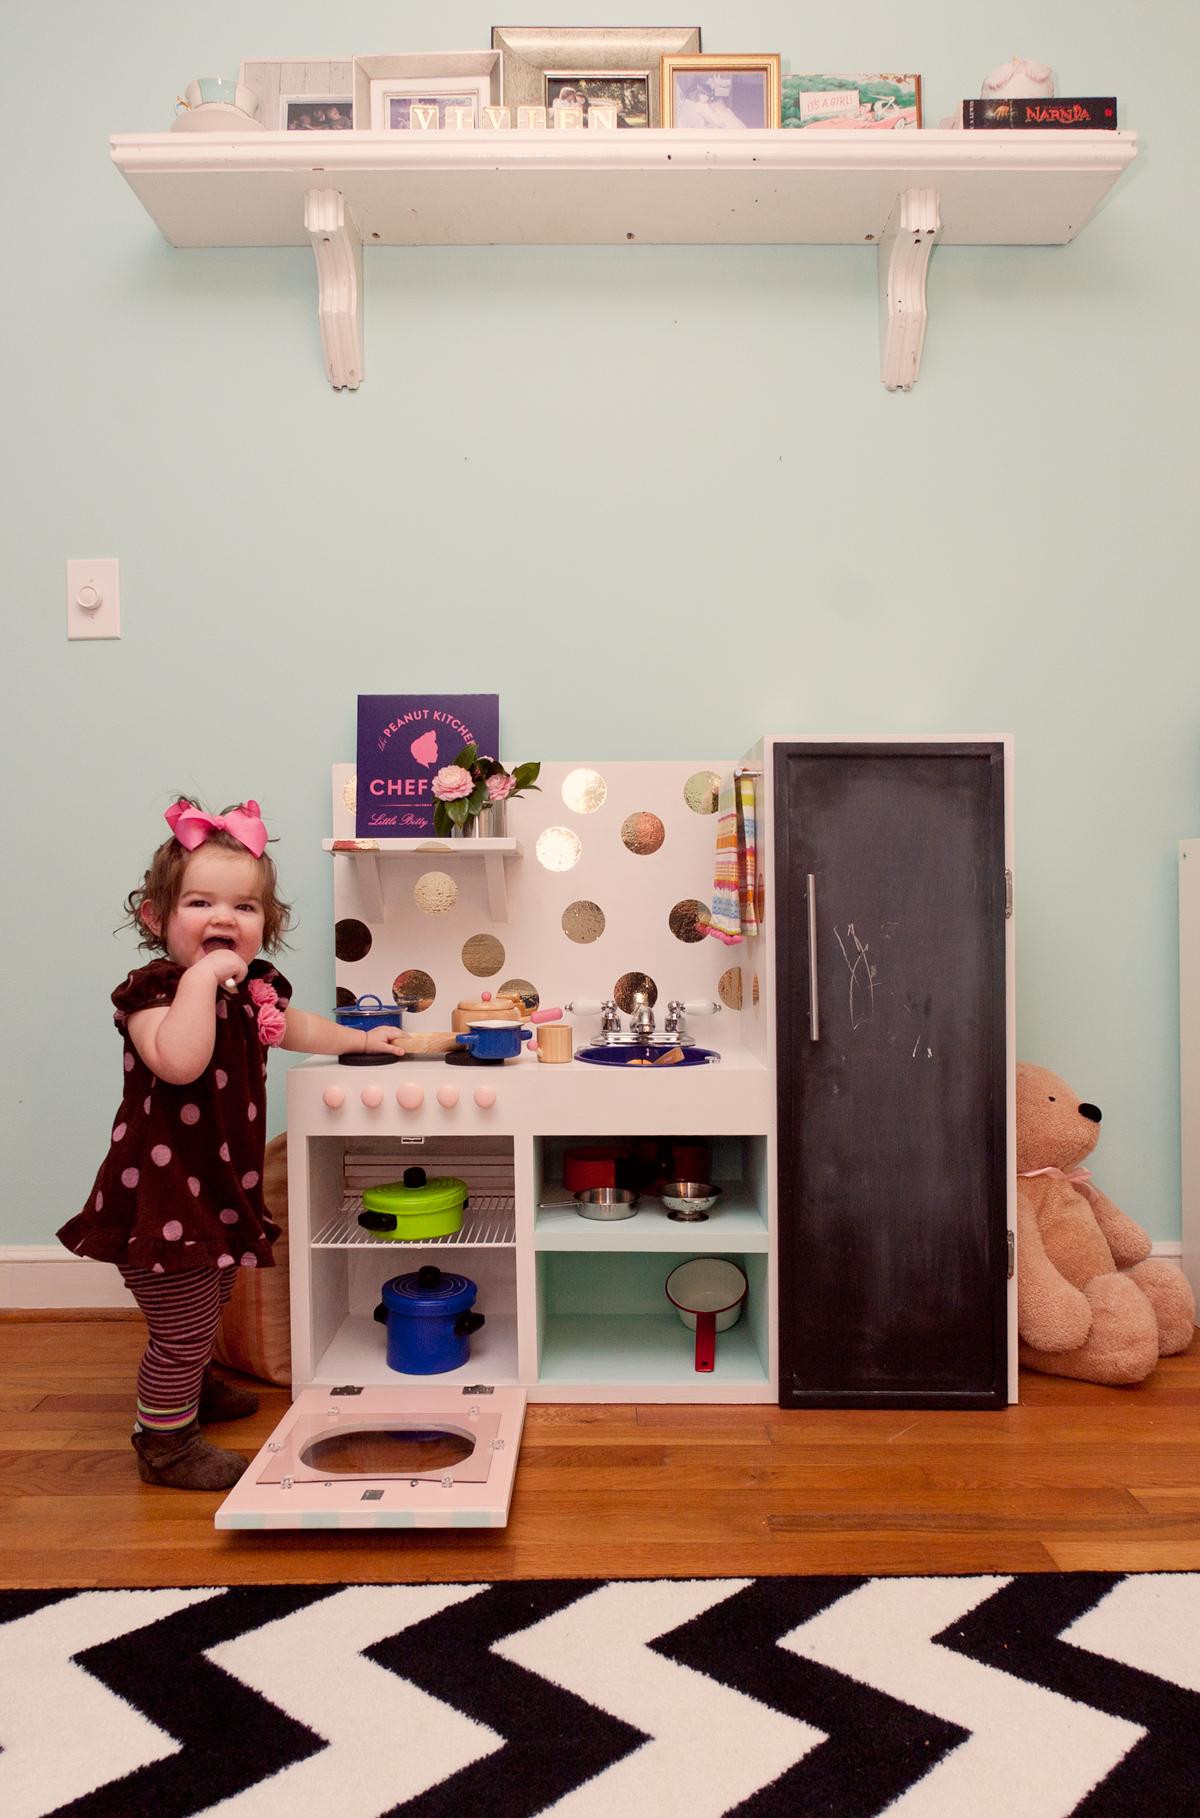 Vivi S Play Kitchen Lay Baby Lay Lay Baby Lay